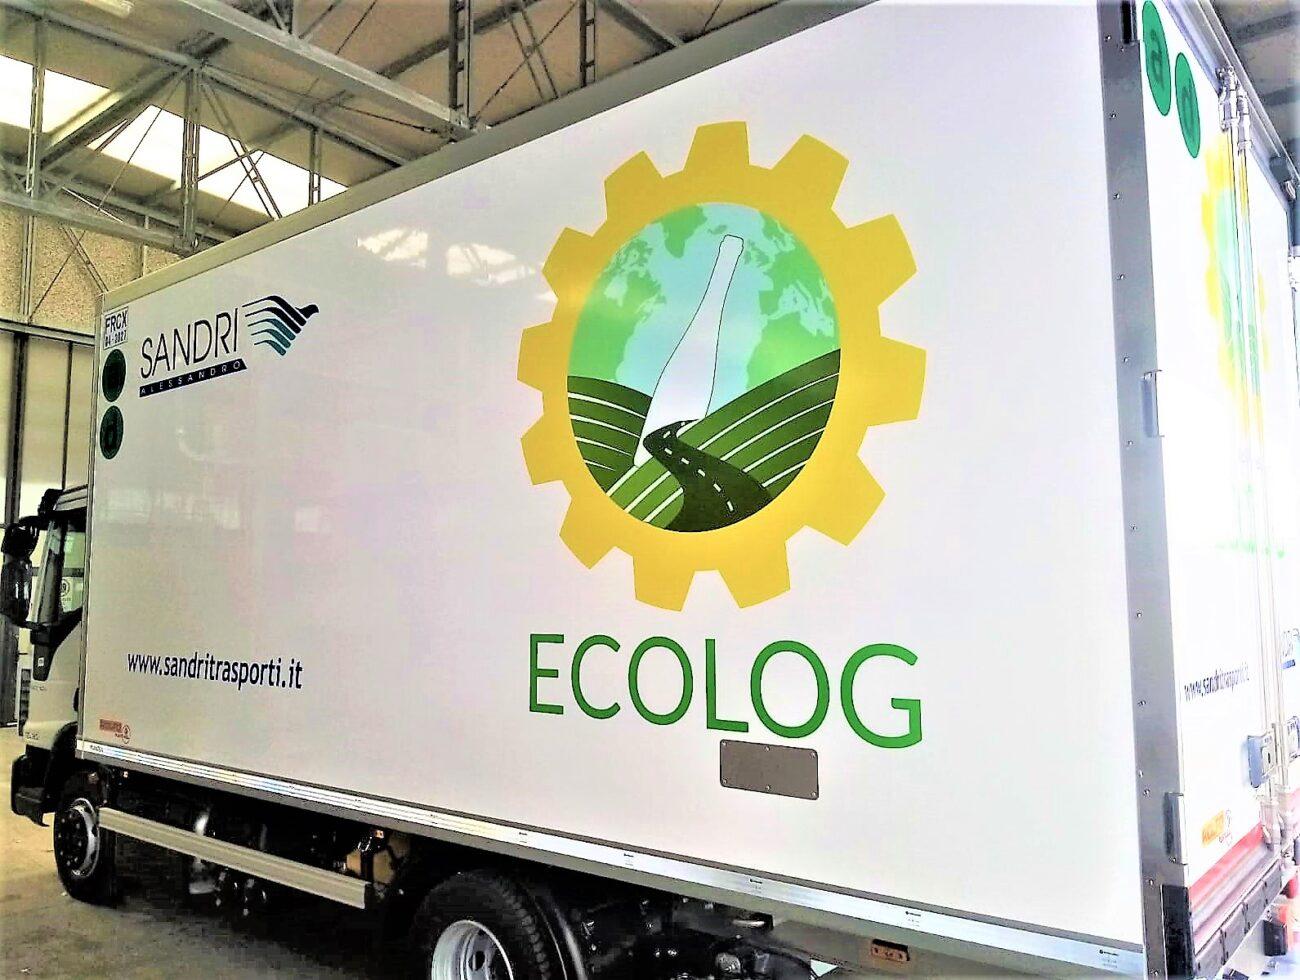 Ecolog, La Corriera delle Langhe meno traffico e più vendita diretta in cantina